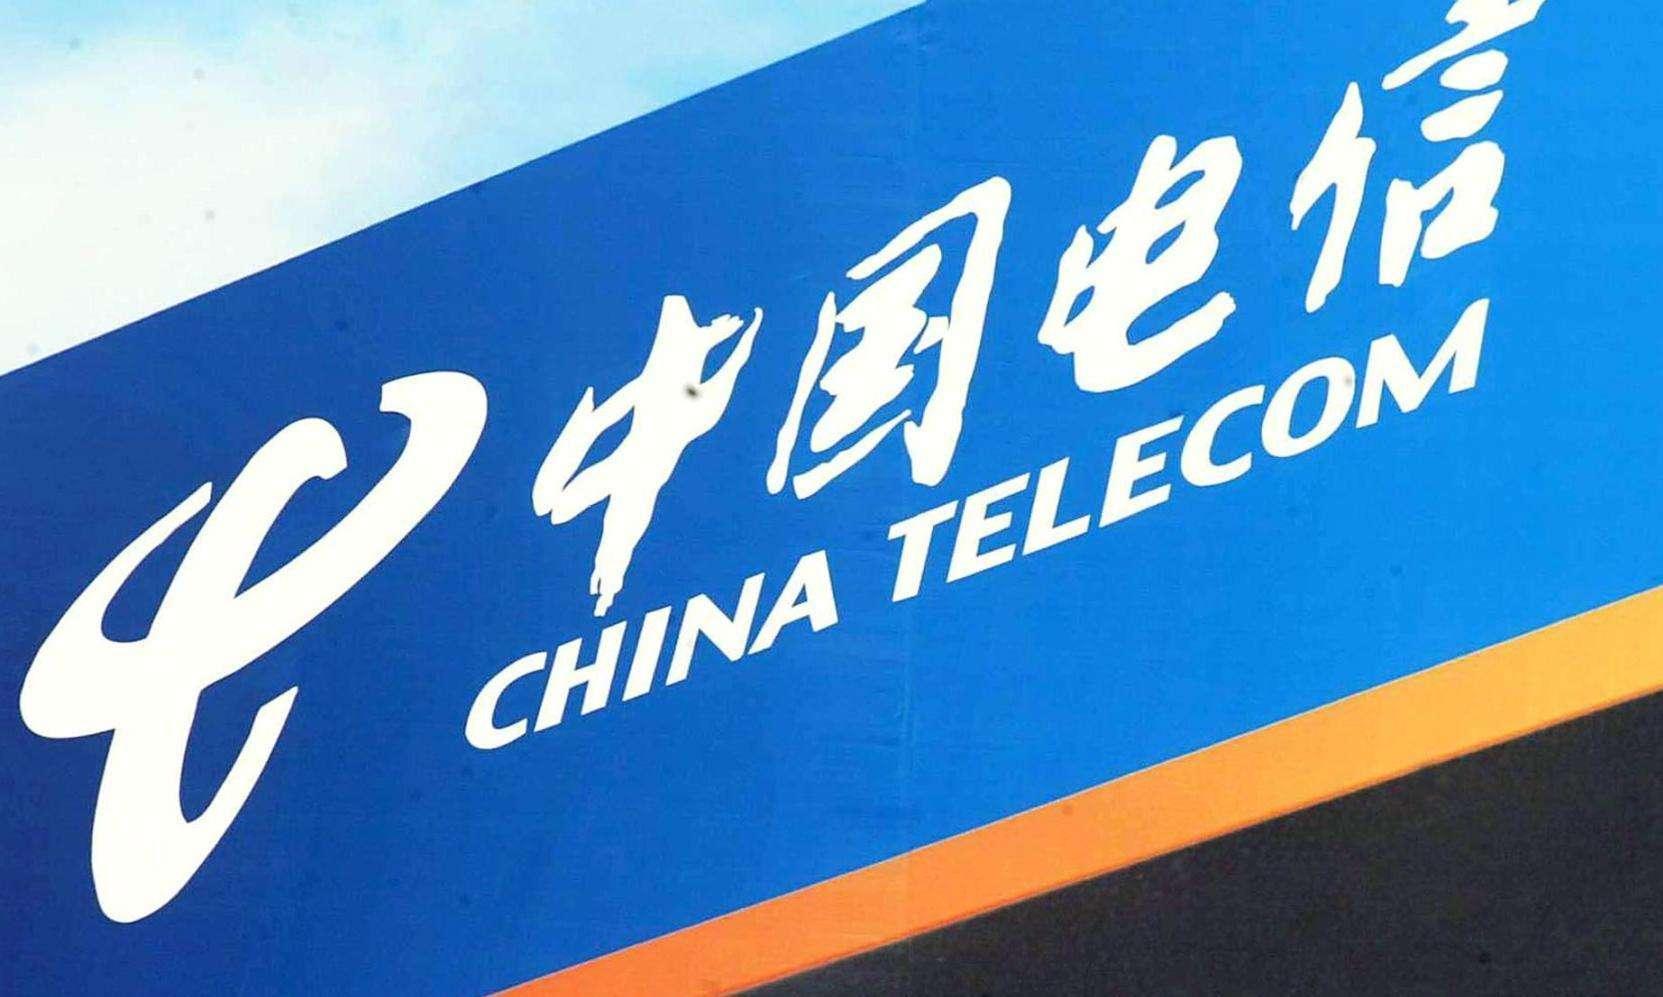 驱动中国昨夜今晨:中国电信取消达量降速套餐 思科承认裁员 贾跃亭资产三次流拍